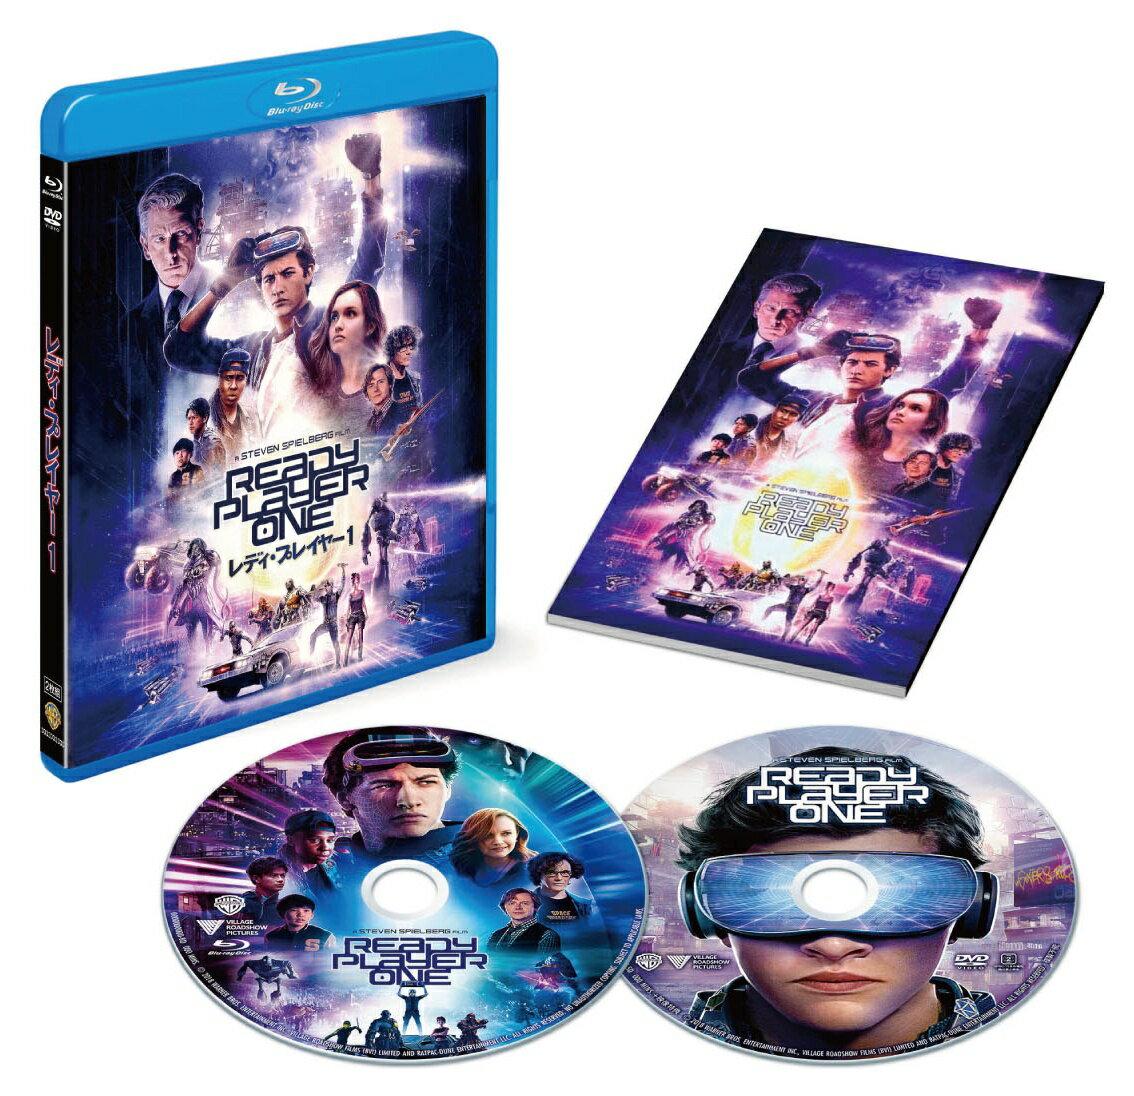 レディ・プレイヤー1 ブルーレイ&DVDセット(2枚組/ブックレット付)(初回仕様)【Blu-ray】 [ タイ・シェリダン ]